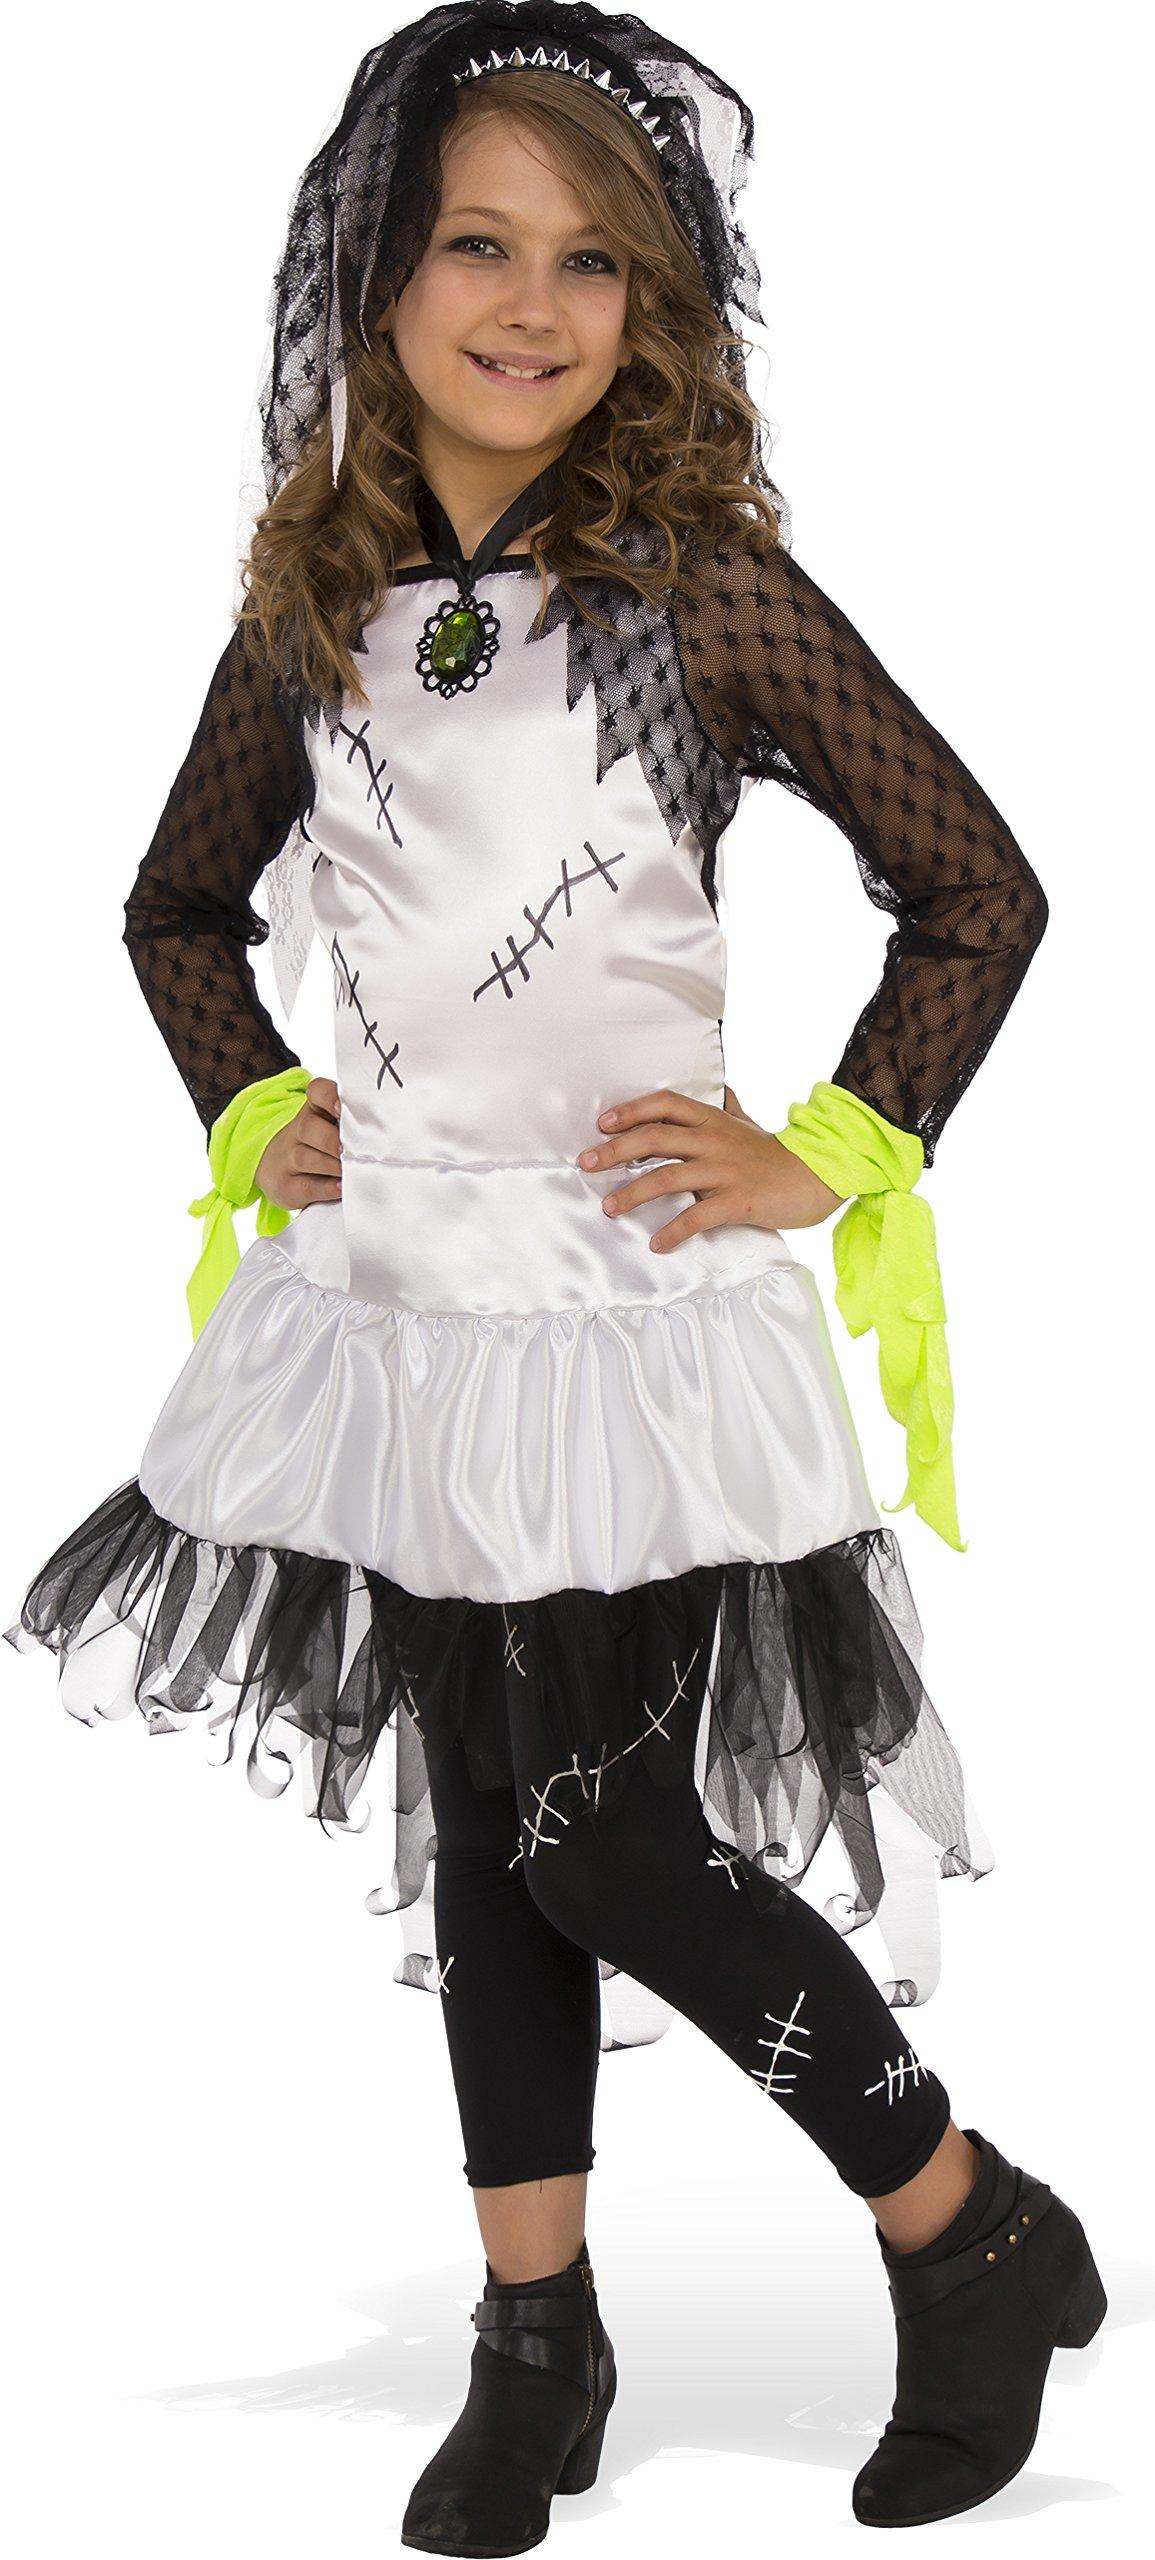 Rubies Costume Child's Monster Bride Costume, Medium, Multicolor